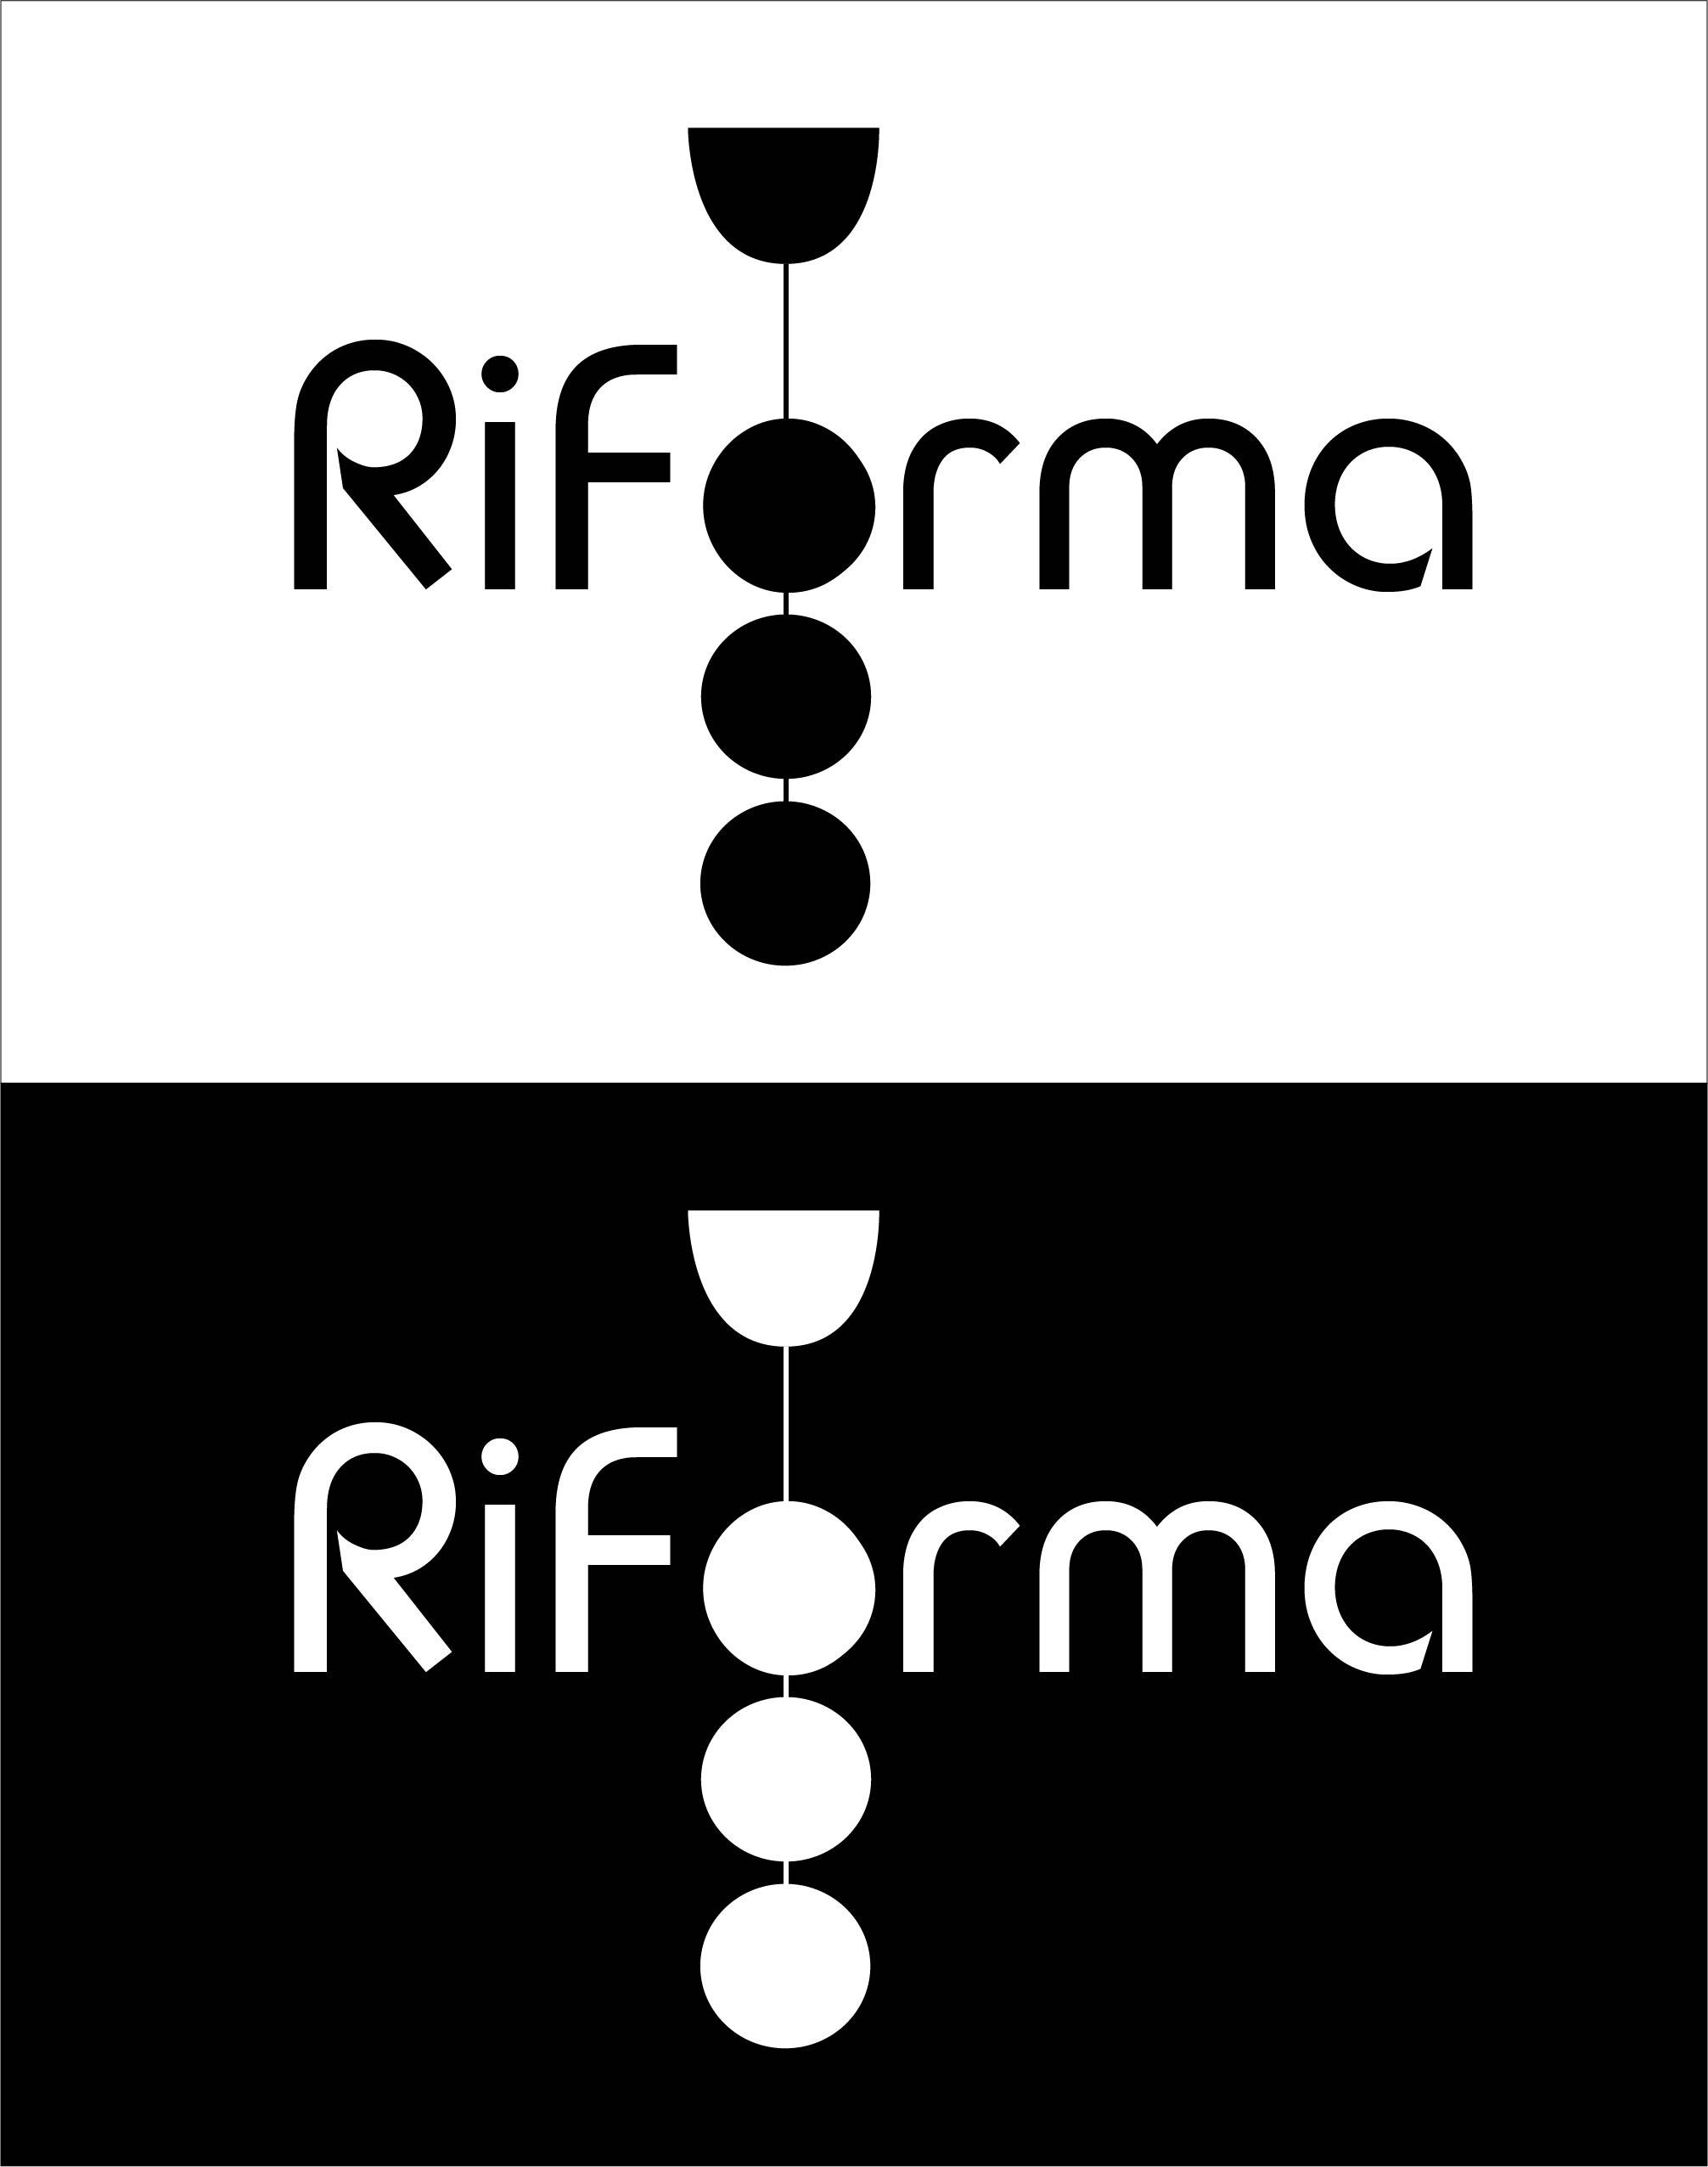 Разработка логотипа и элементов фирменного стиля фото f_173579fcc8ed401b.jpg